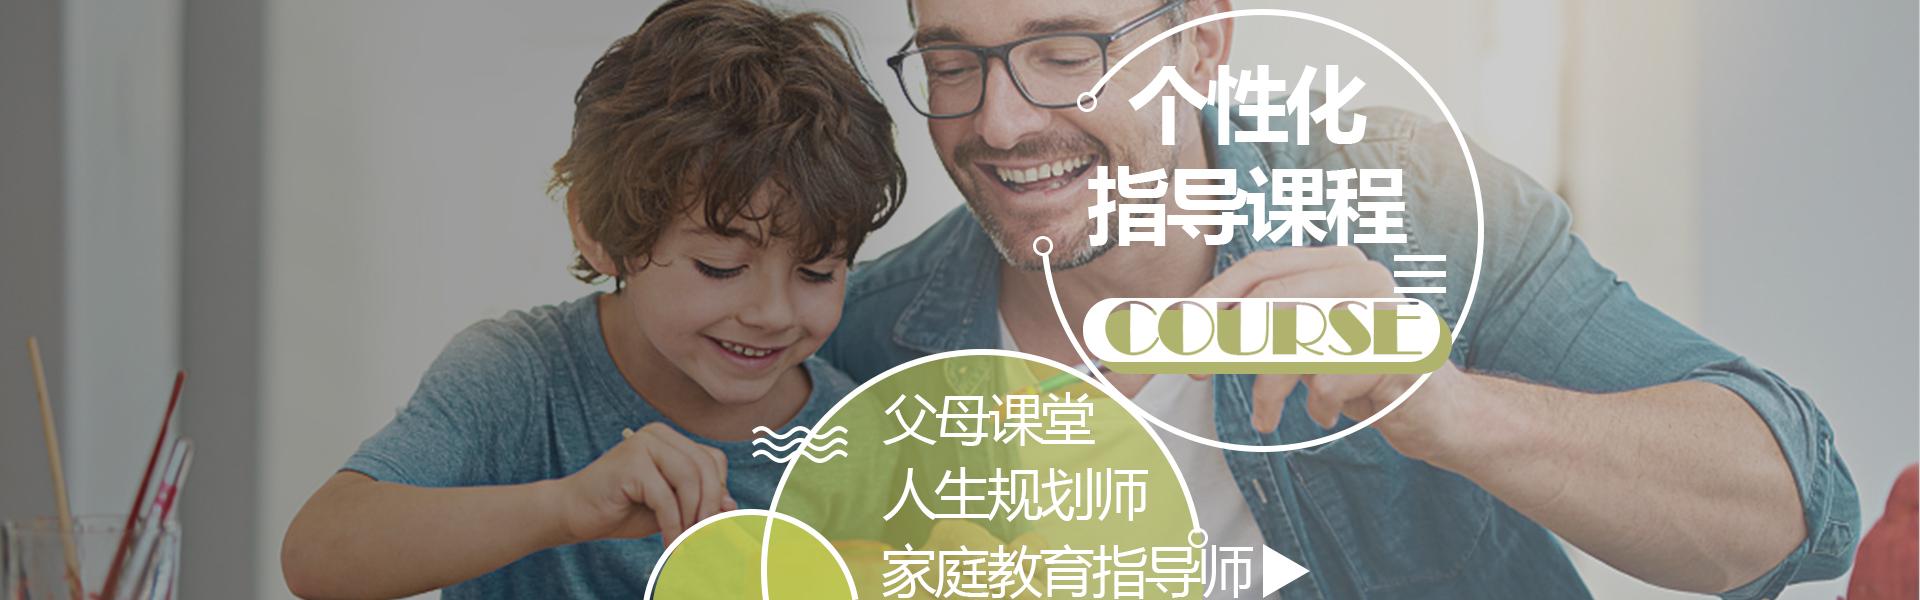 康卓教育纹行天下皮纹测试产品全国招收代理和招商加盟